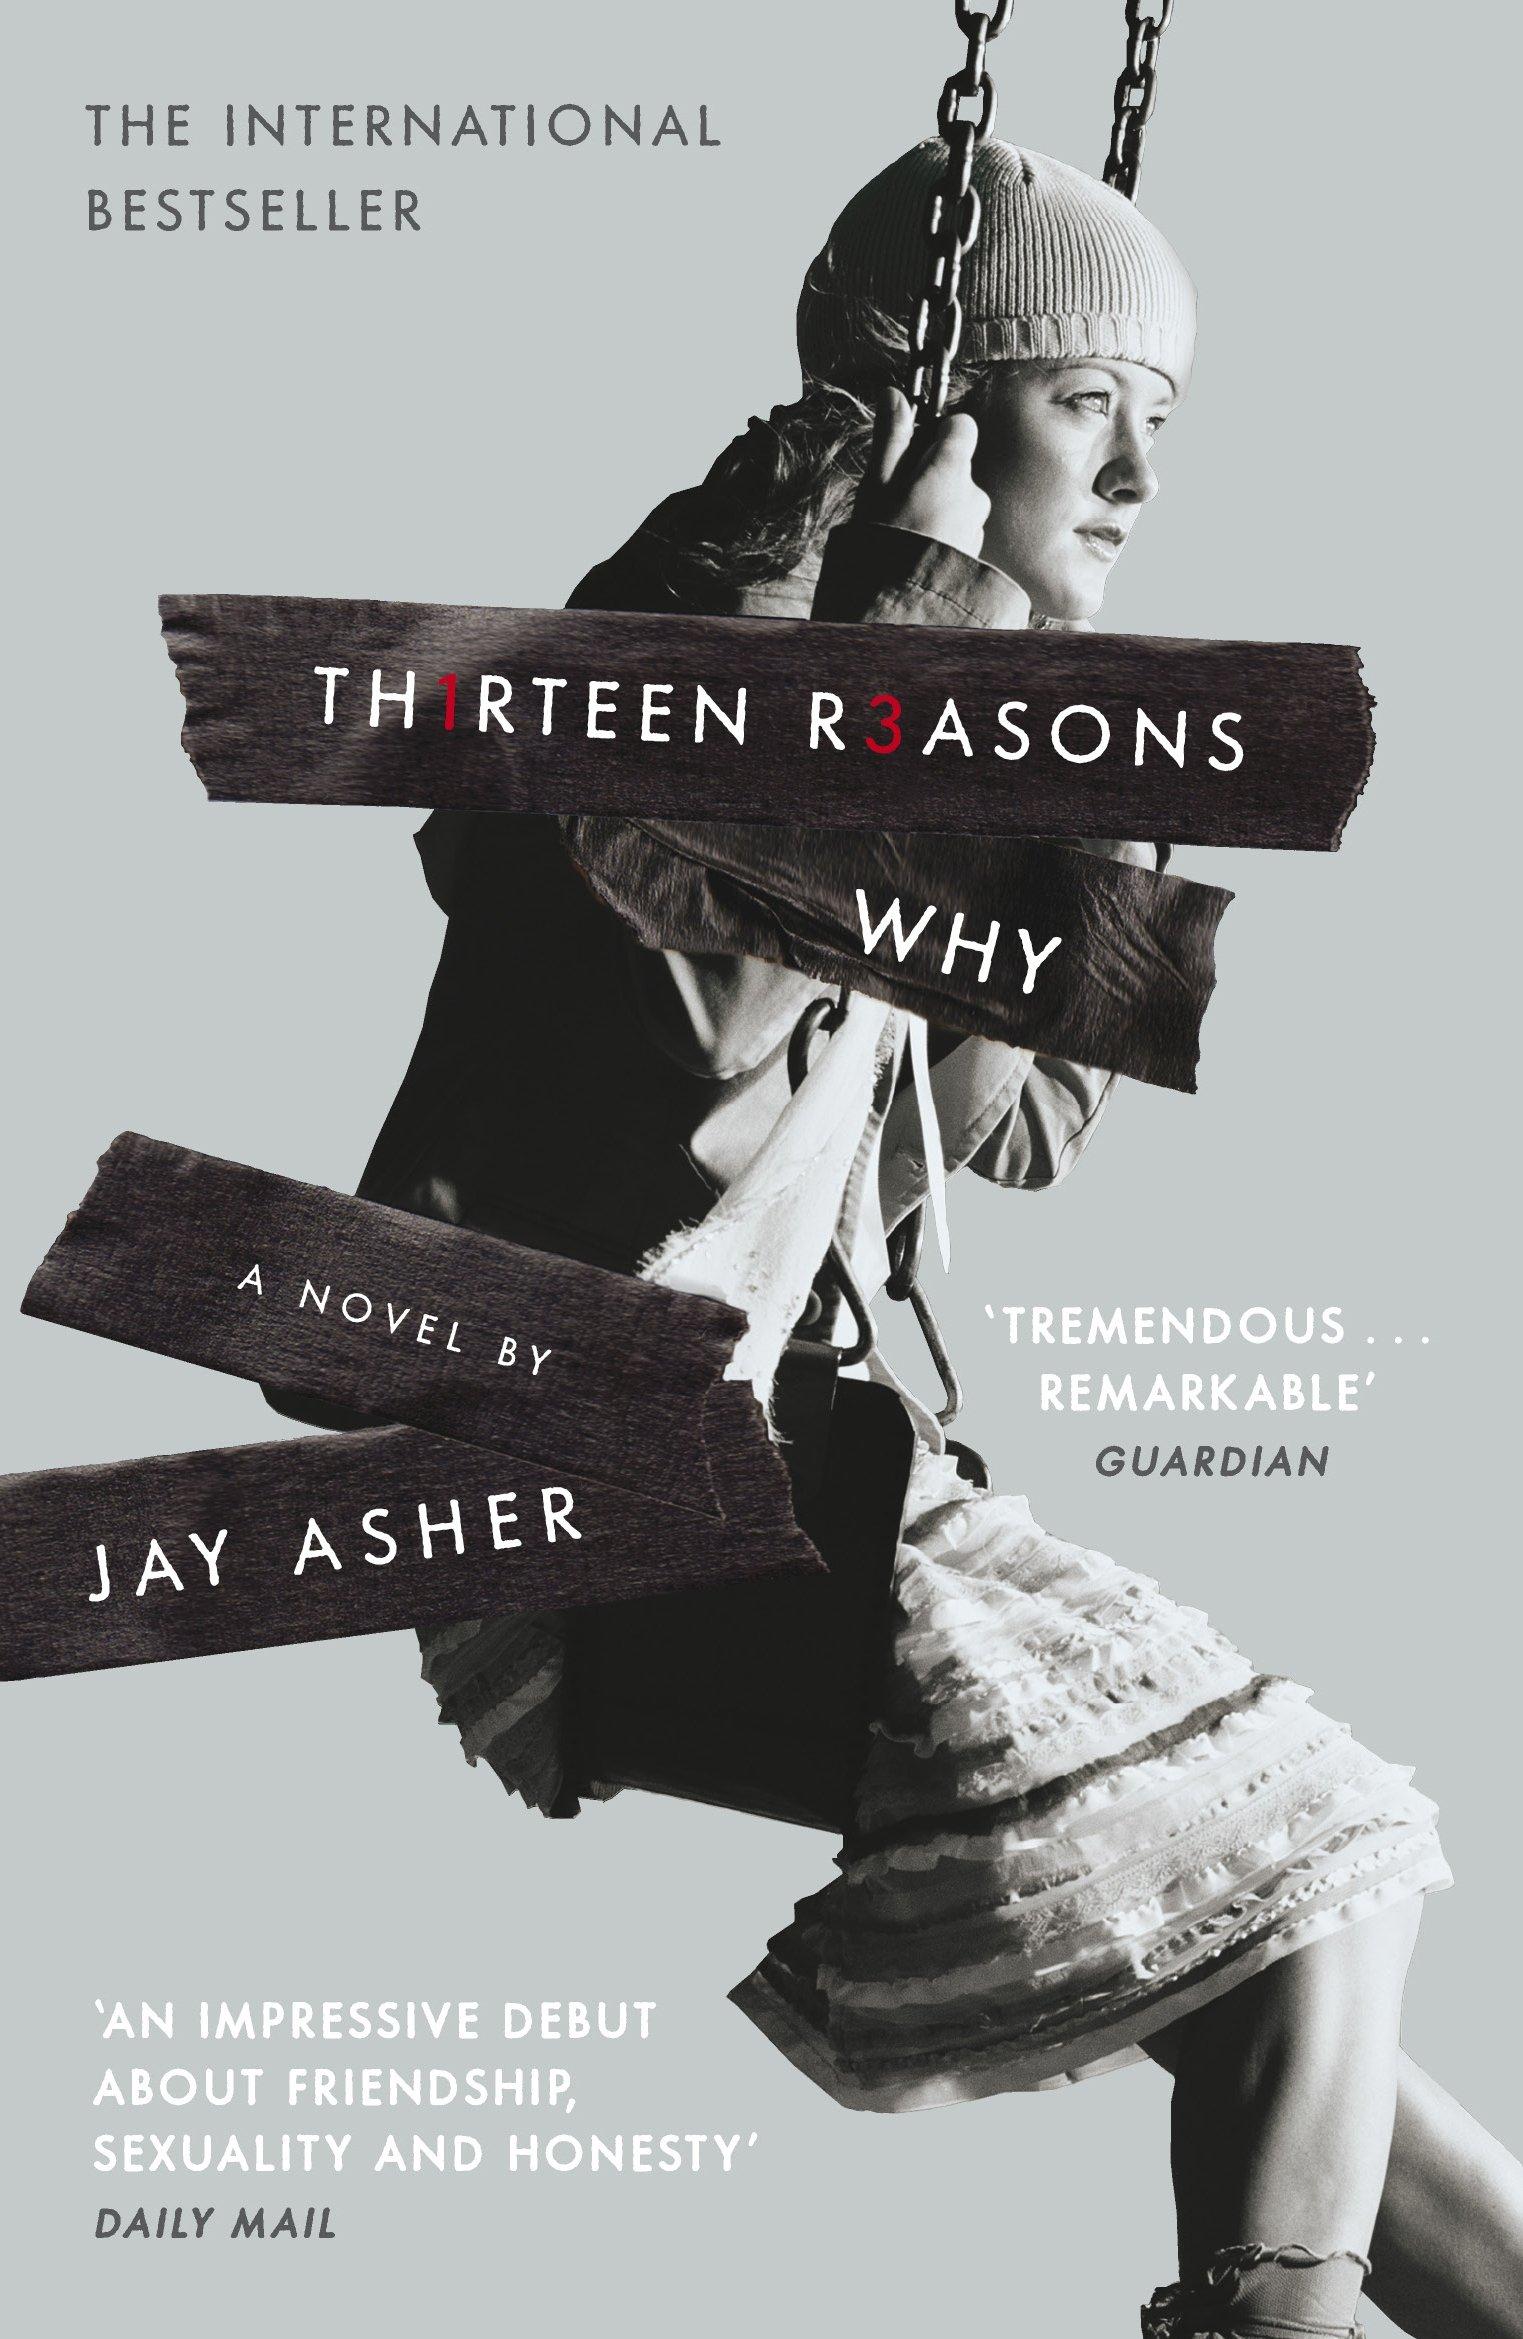 【中商原版】【英文原版】Thirteen Reasons Why /Jay Asher 十三个原因(电视剧版) 汉娜的遗言